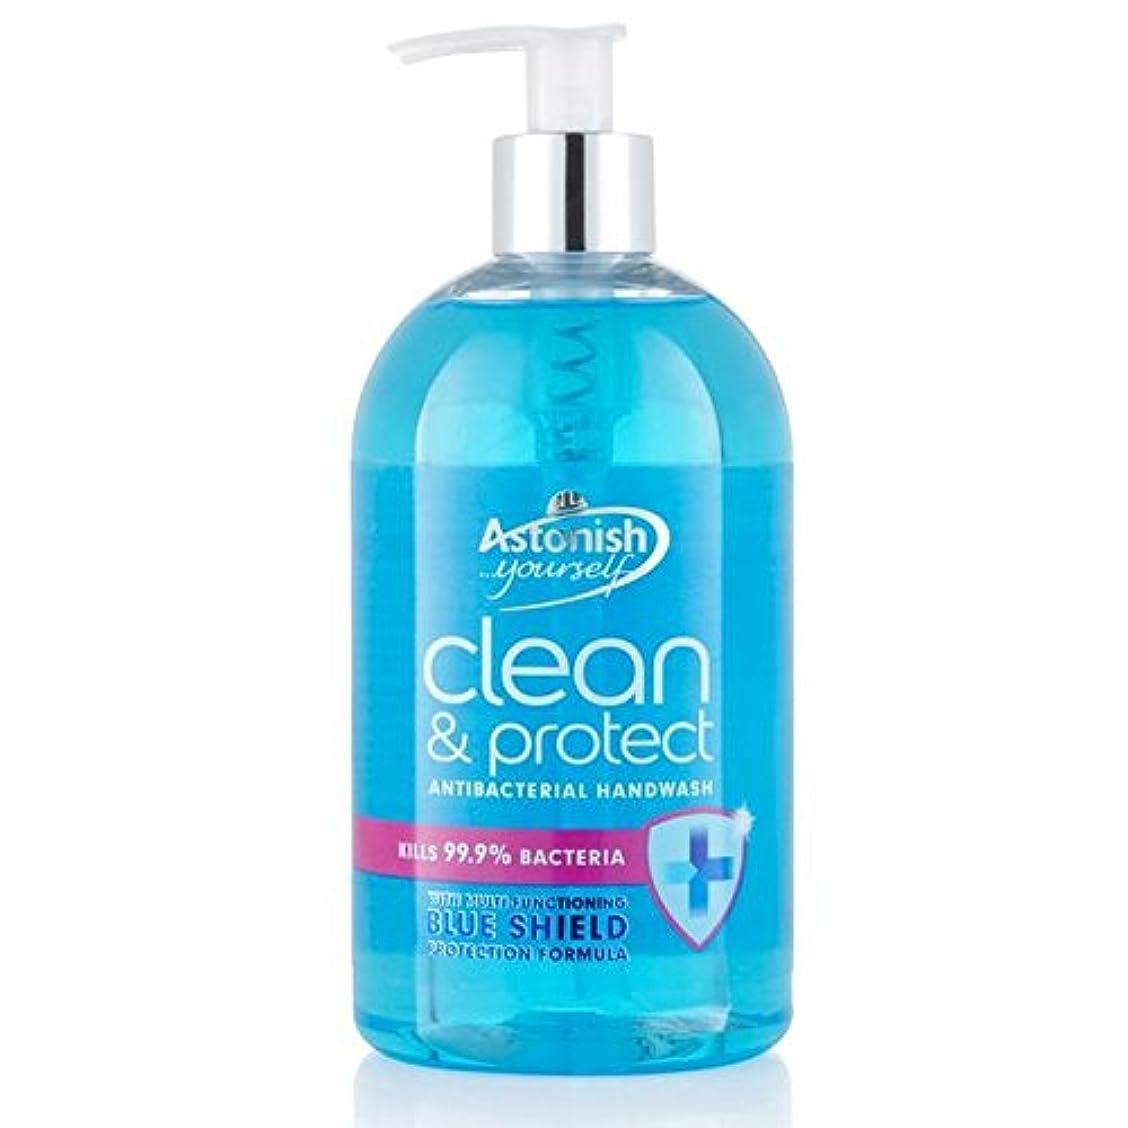 ナイロン社員ハリウッドクリーン驚か&ハンドウォッシュ500ミリリットルを保護 x4 - Astonish Clean & Protect Hand Wash 500ml (Pack of 4) [並行輸入品]